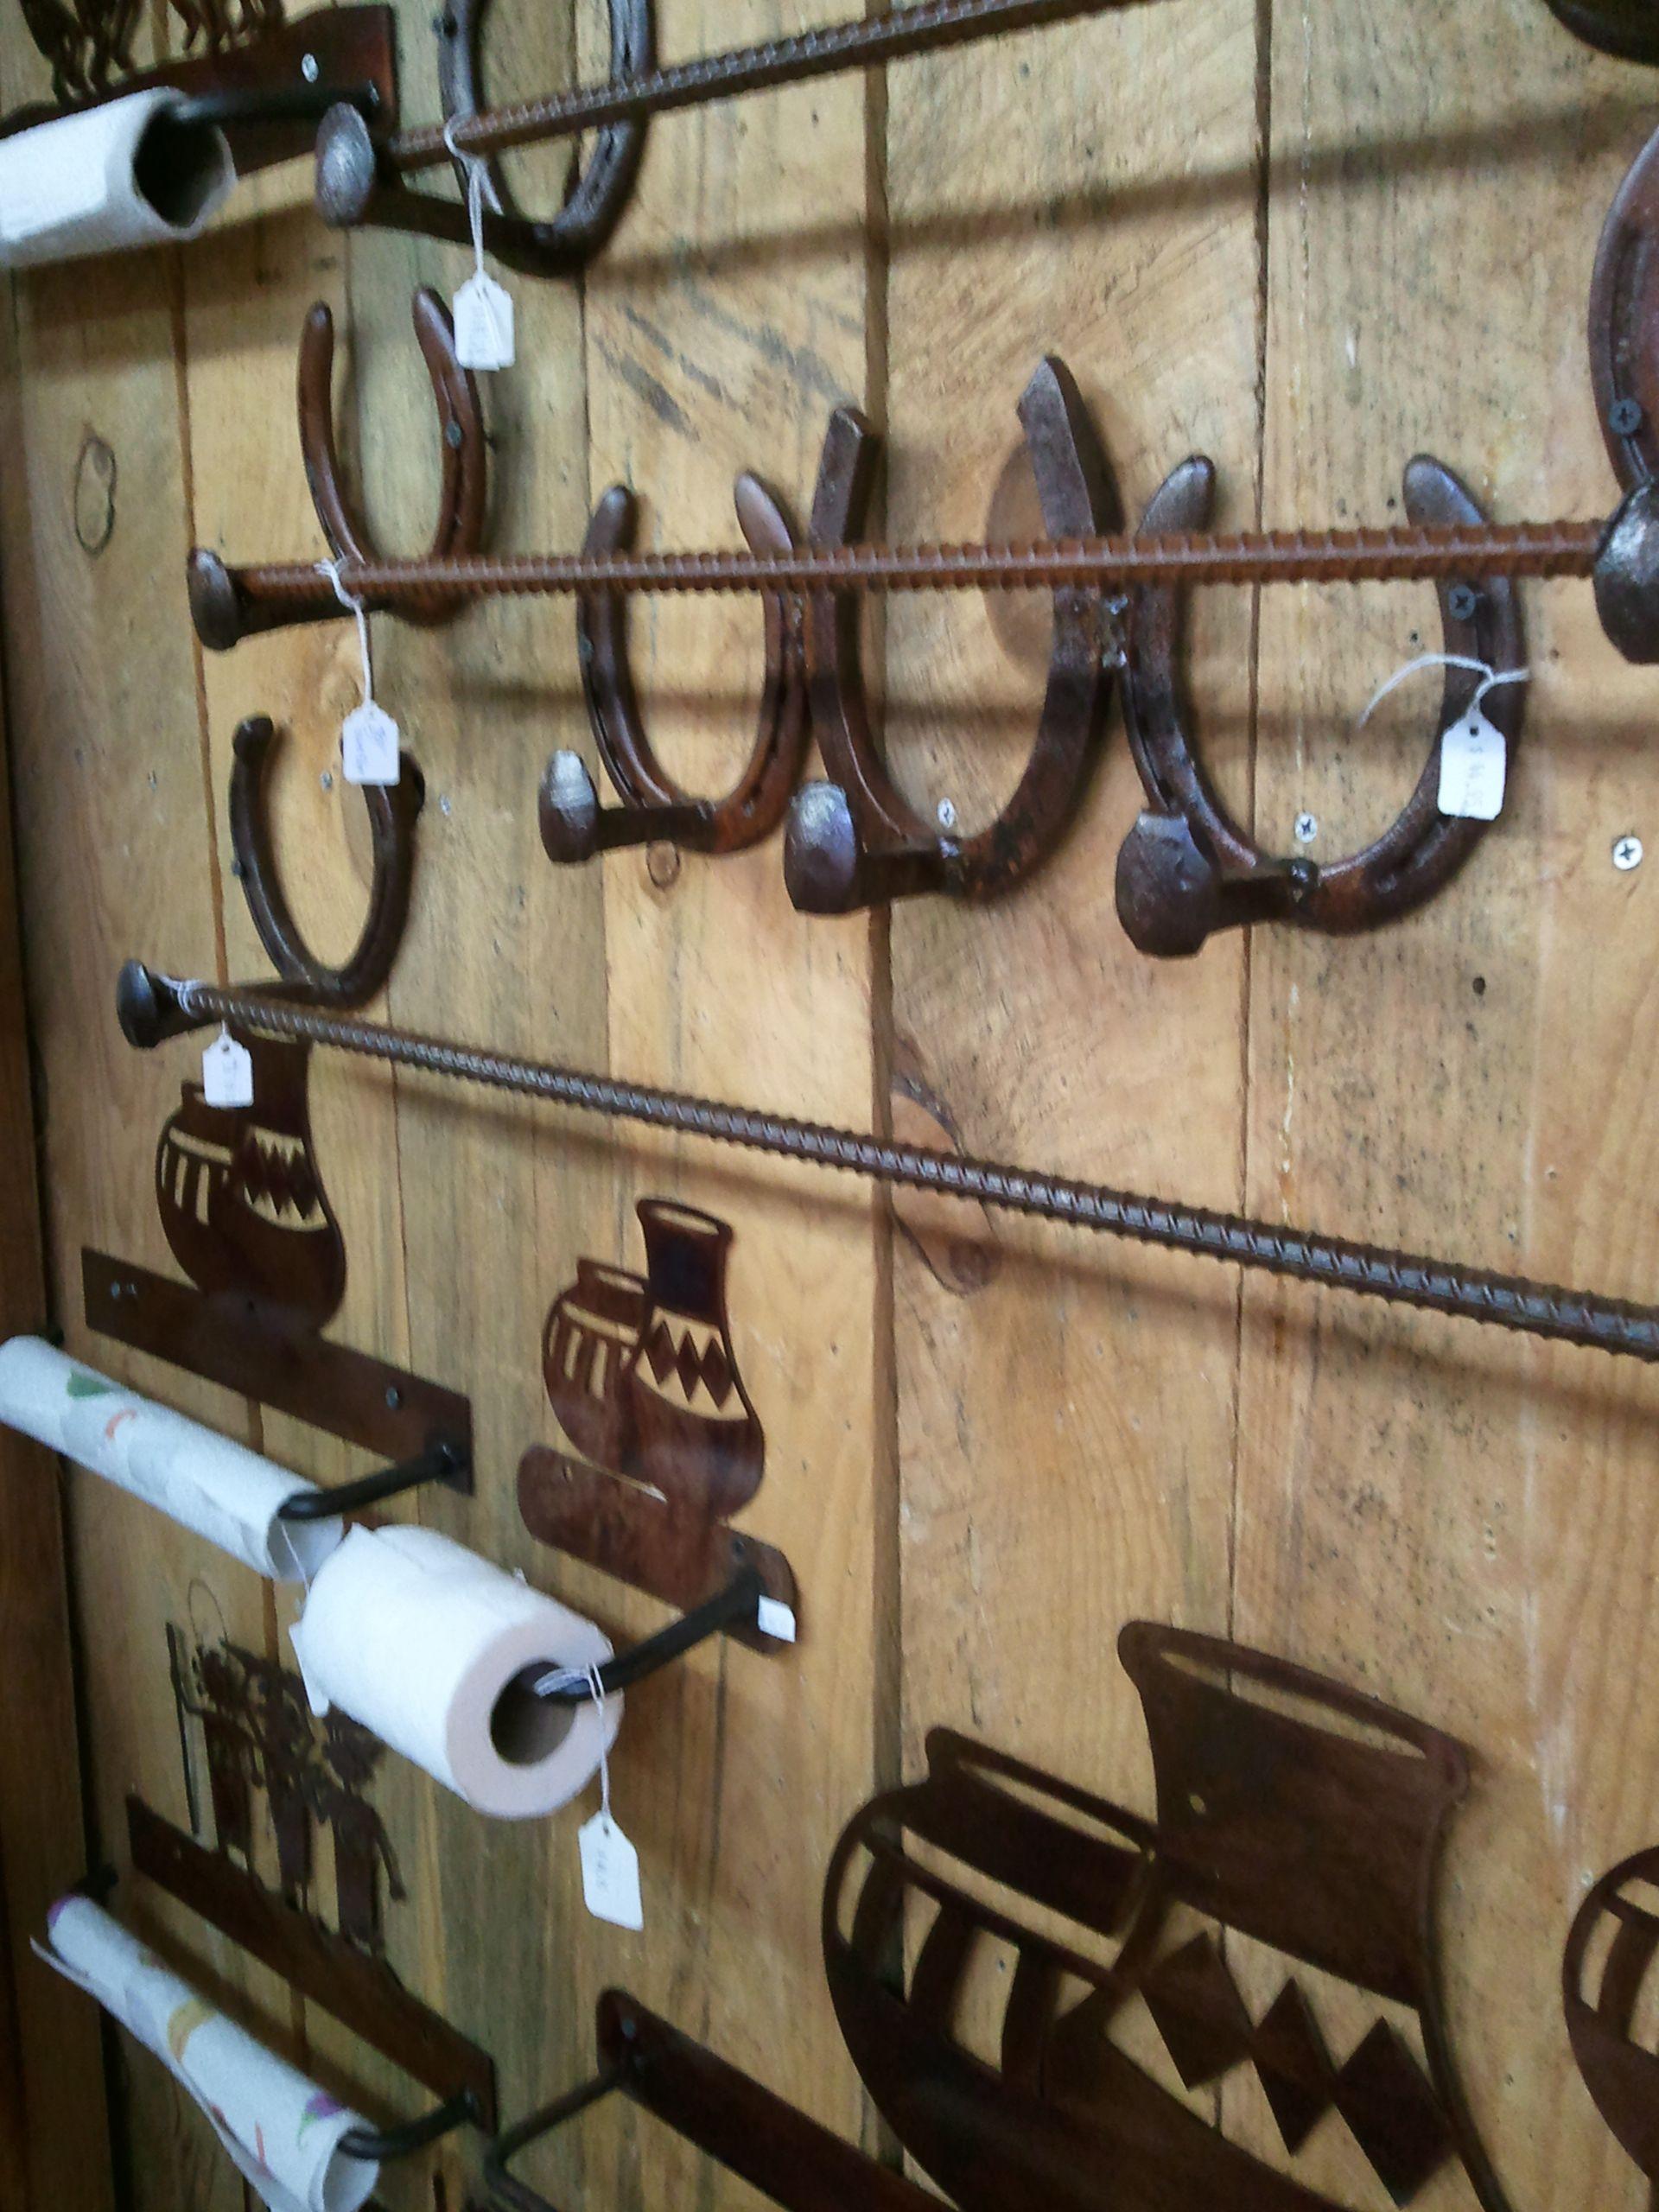 Coat Rack And Towel Bars From Santa Fe, Nm Made